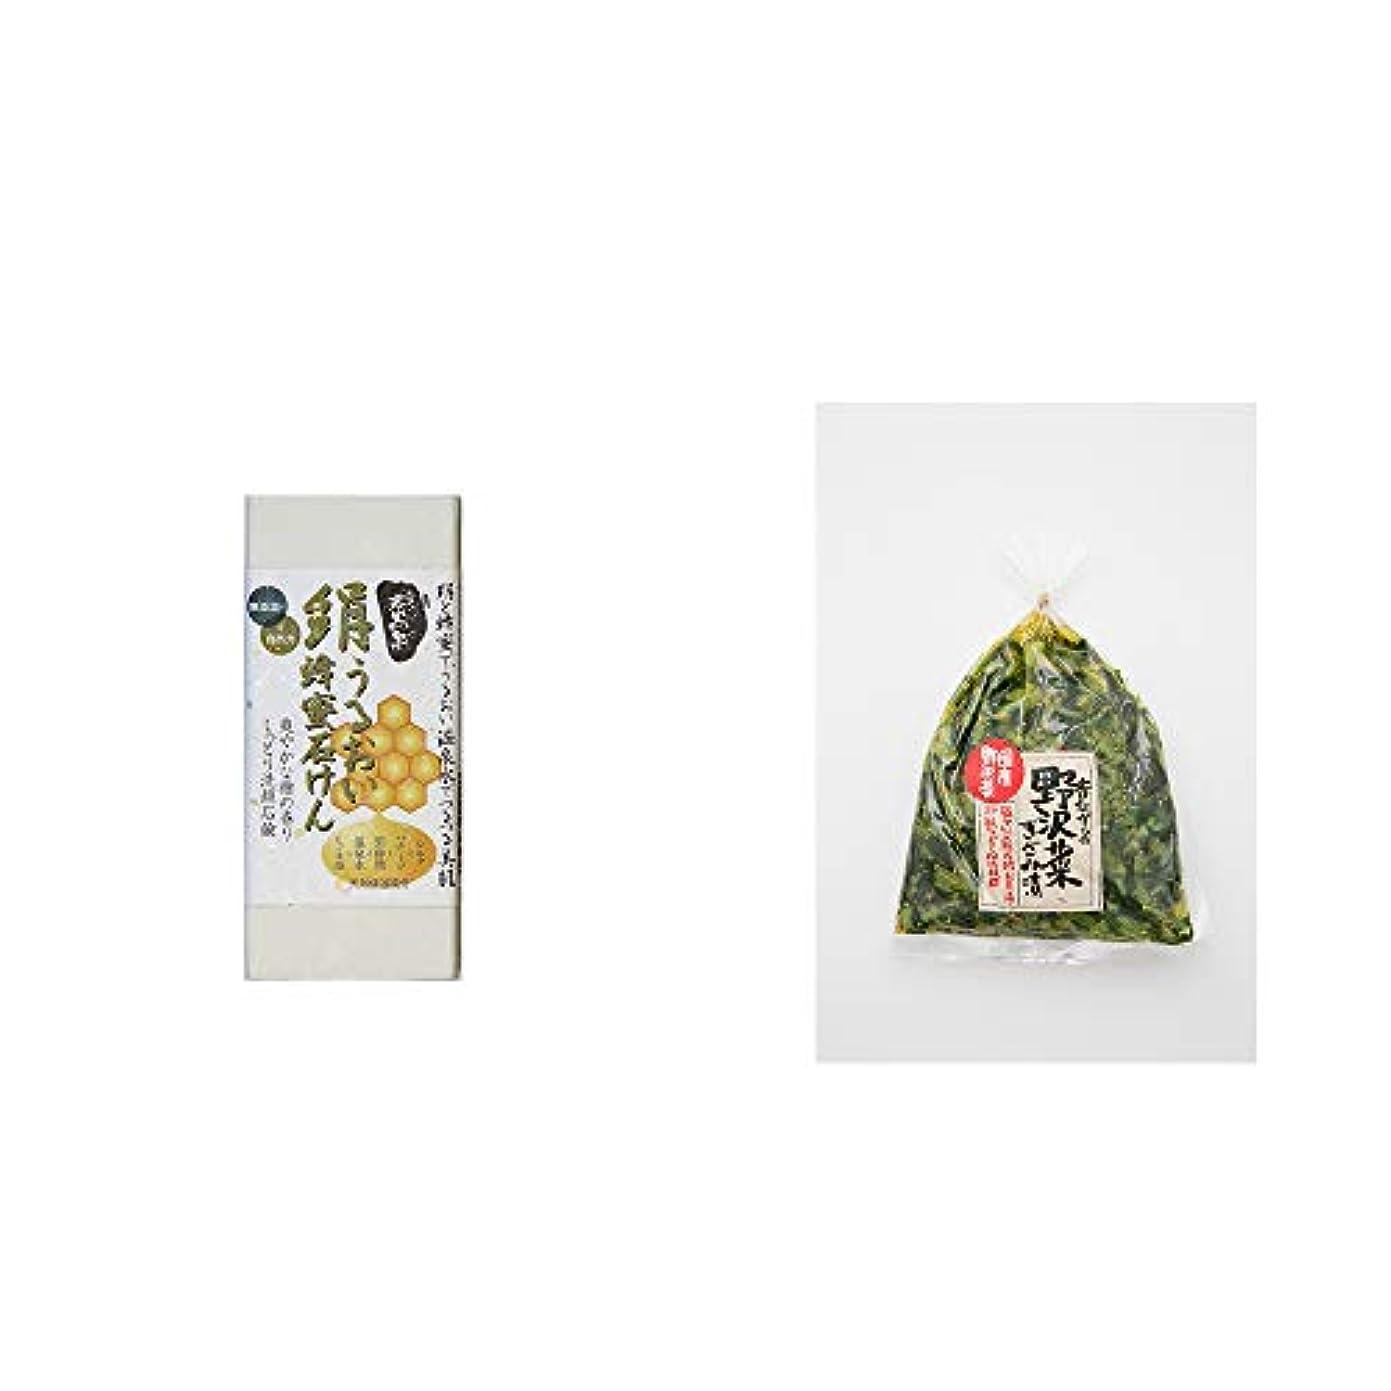 困ったスーツケースブリーフケース[2点セット] ひのき炭黒泉 絹うるおい蜂蜜石けん(75g×2)?国産 昔ながらの野沢菜きざみ漬け(150g)